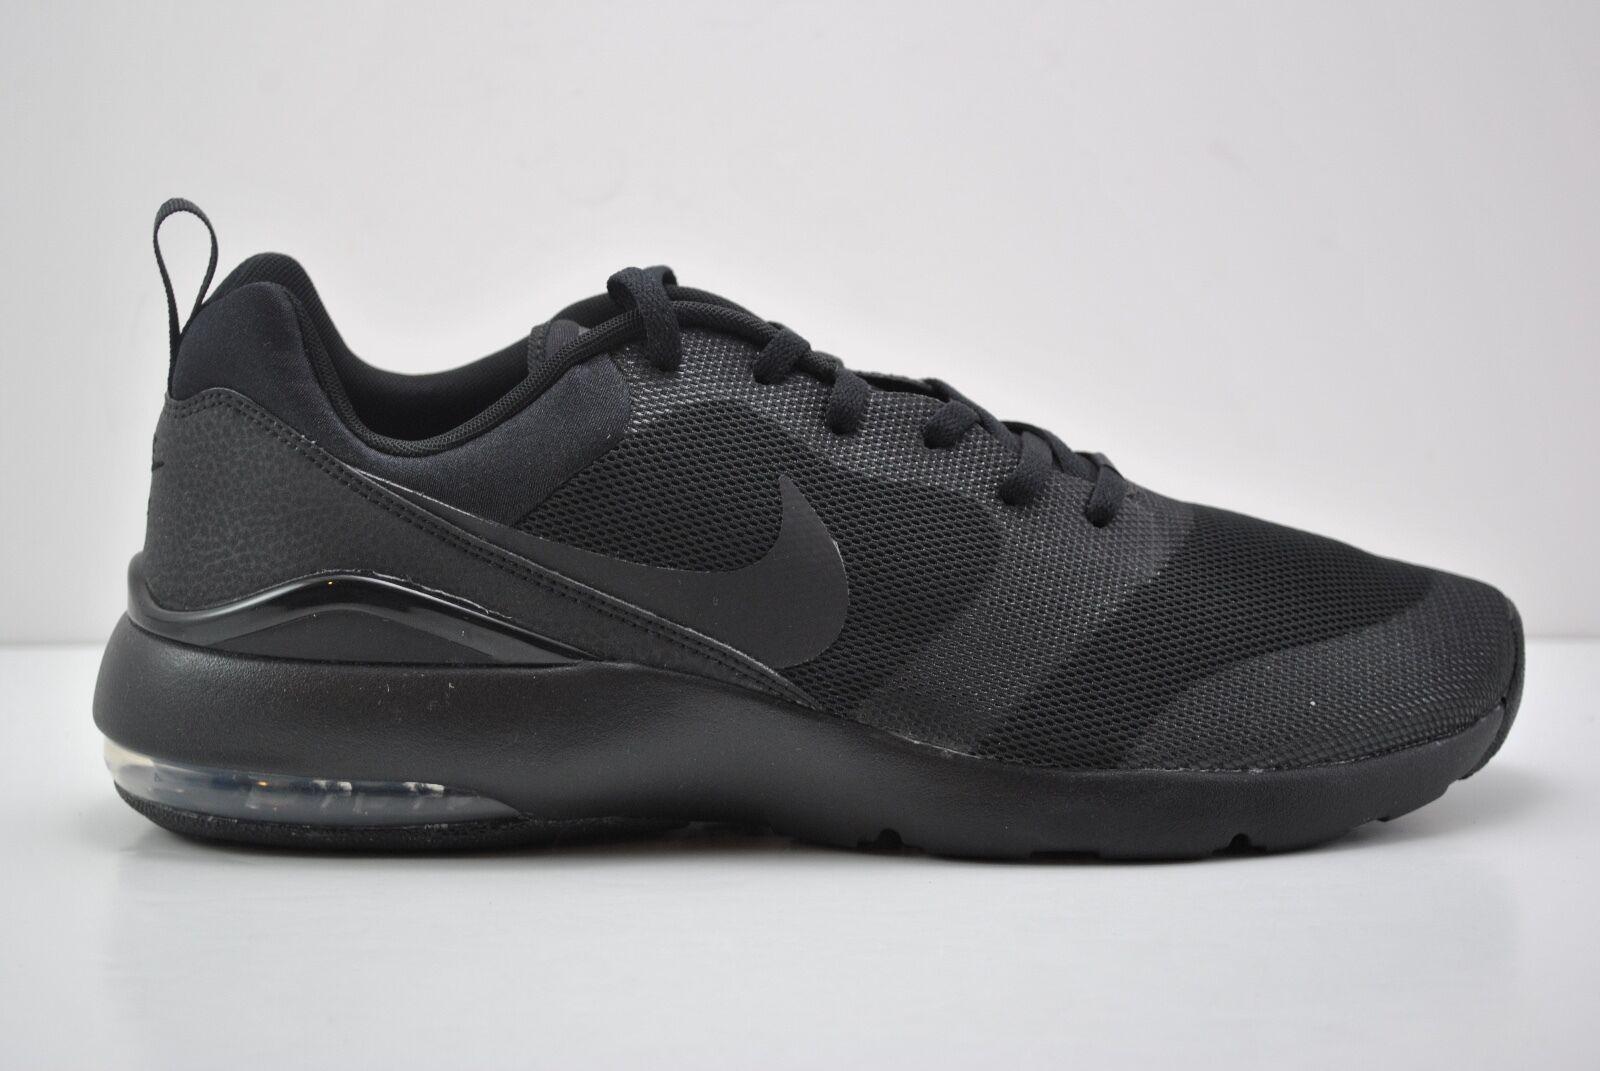 mens nike air max max max sirena scarpe taglia 11,5 bianco nero 749765 001 | Re della quantità  | Gentiluomo/Signora Scarpa  c6a66c